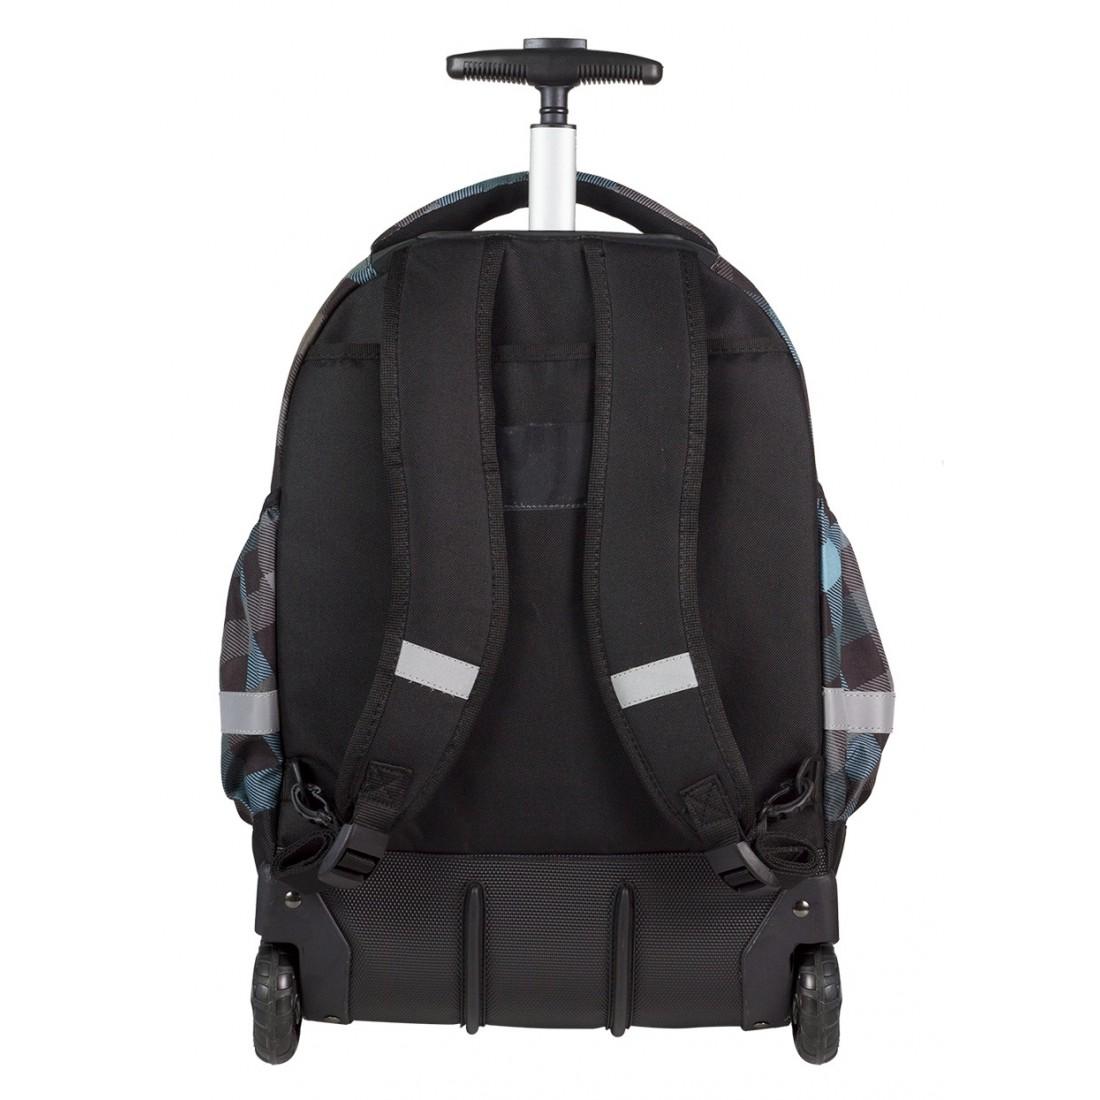 Plecak na kółkach CoolPack CP szary w kratkę RAPID CLASSIC GREY 487 - plecak-tornister.pl